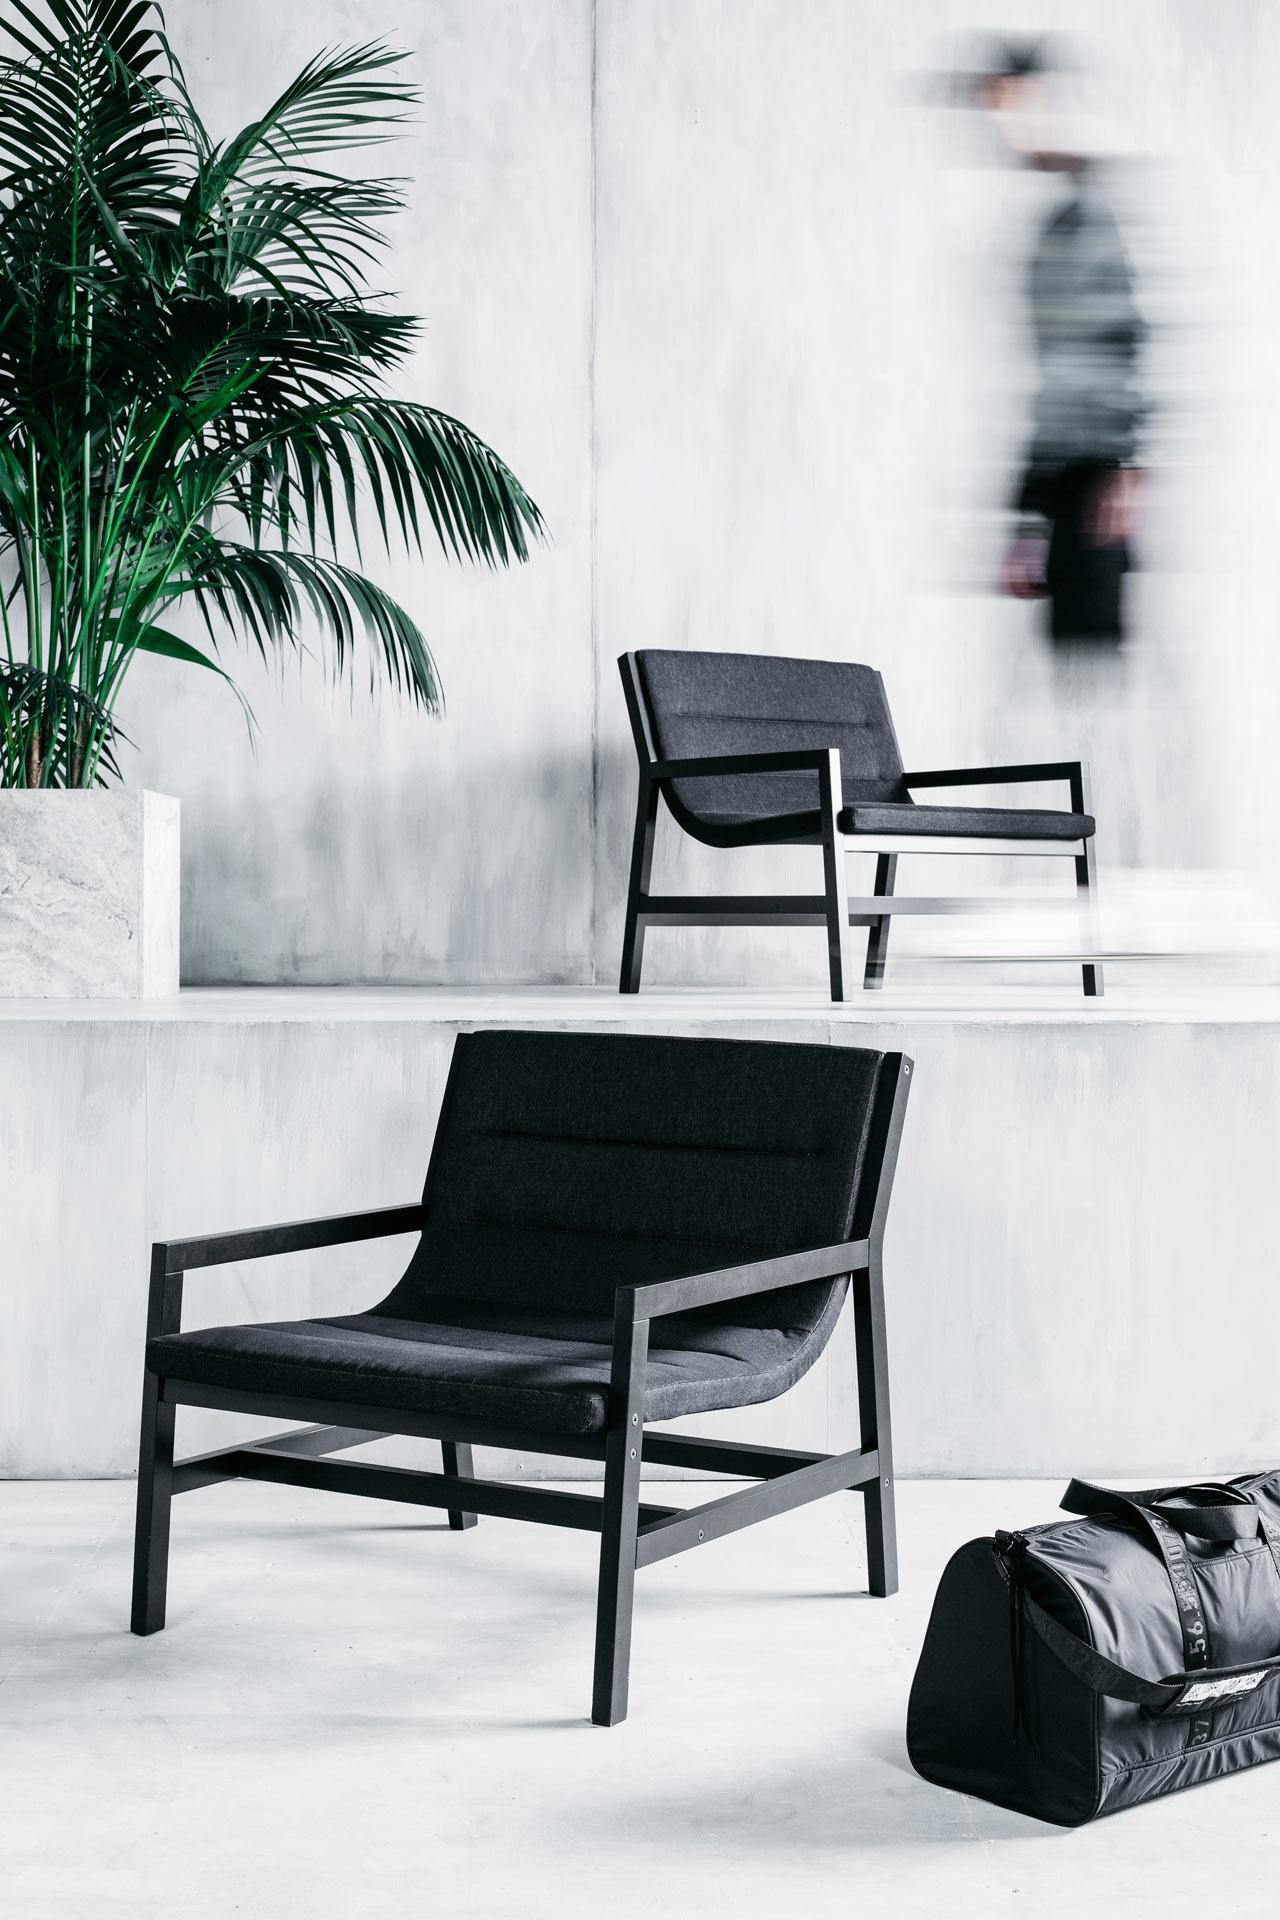 Czarne proste fotele w minimalistycznym betonowym wnętrzu.